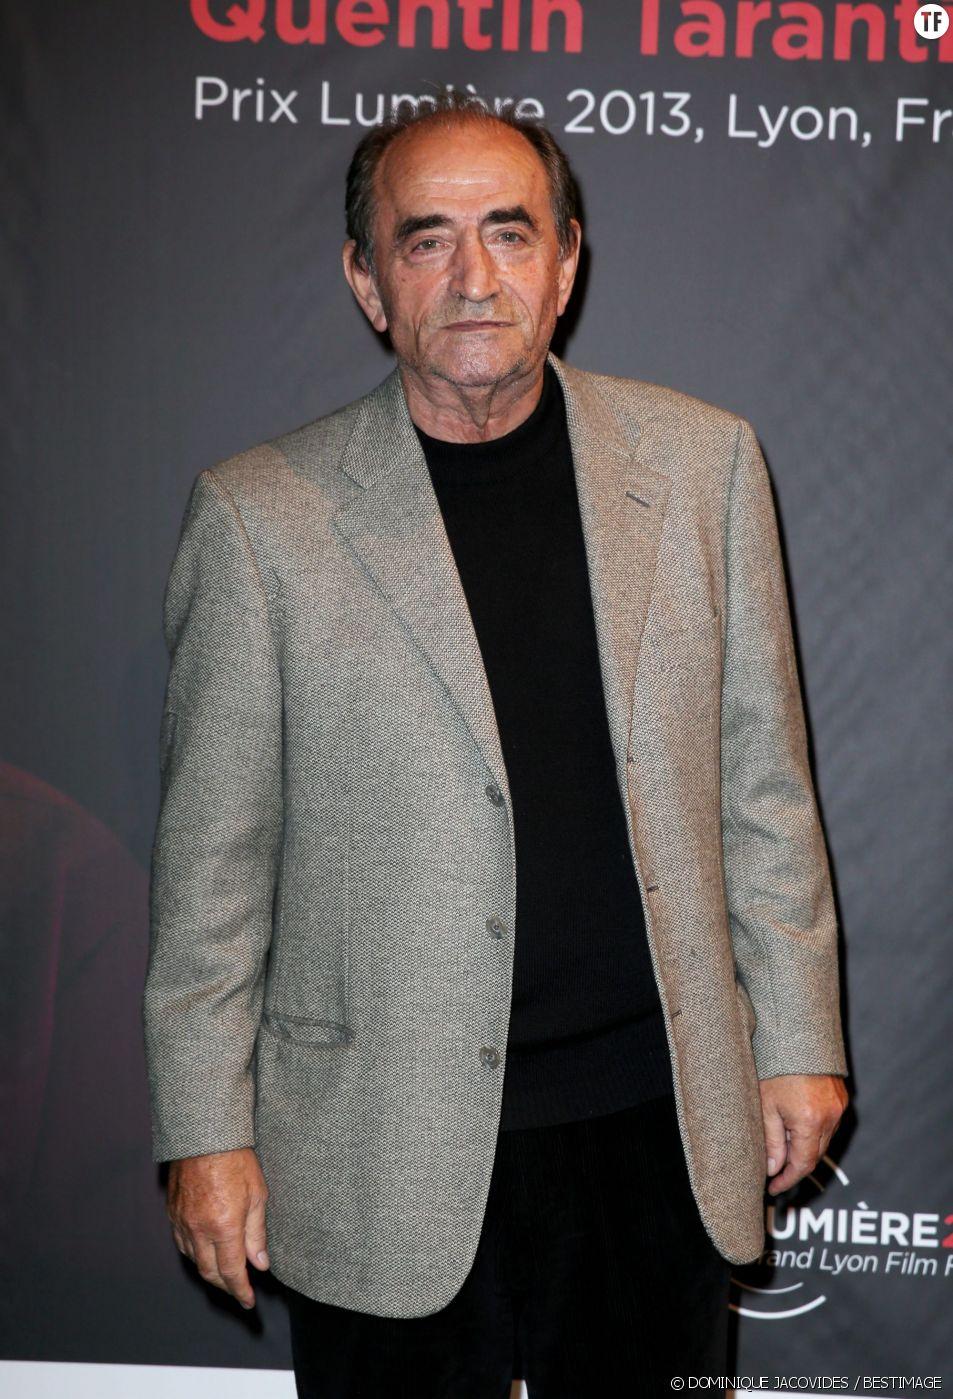 L'acteur Richard Bohringer à la remise du Prix Lumière 2013 à Quentin Tarantino à l'amphithéâtre du palais des Congrès de Lyon le 18 octobre 2013.